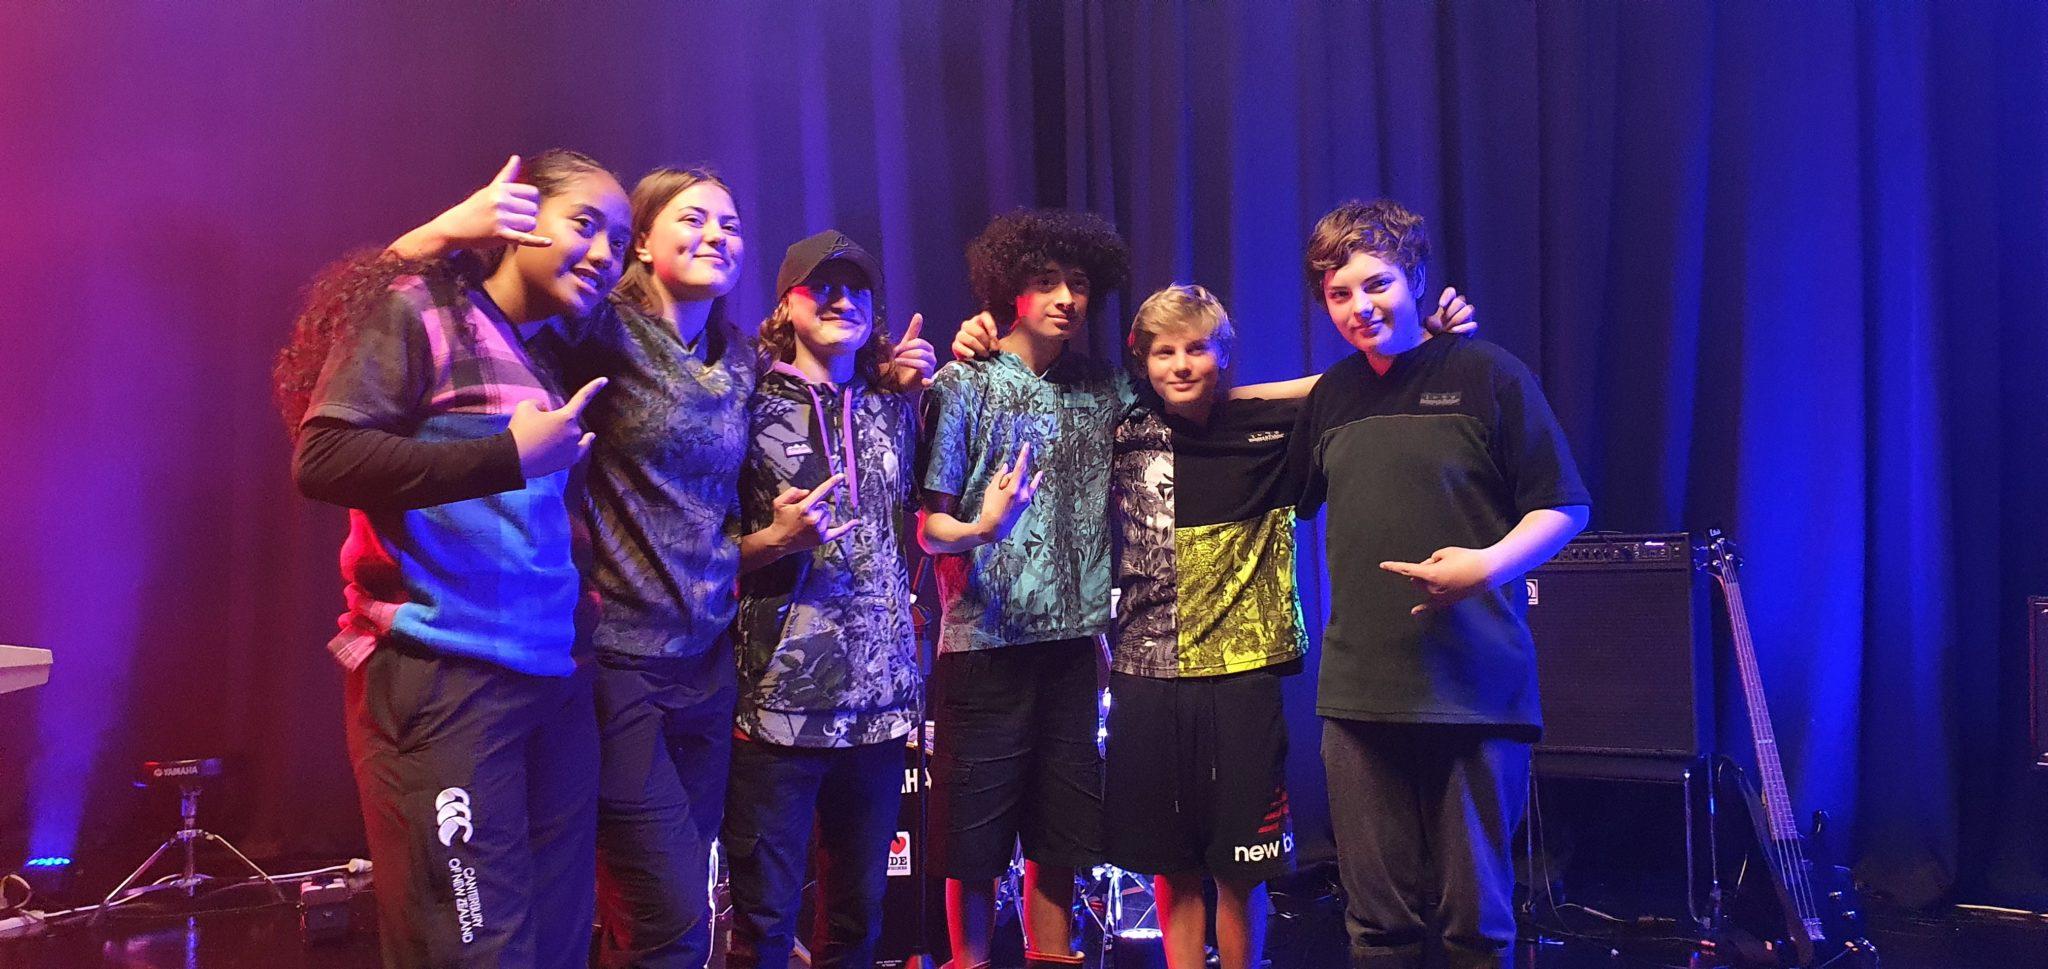 Tiare and the Young Guns of Taipa - winners of the 2020 E Tū Whānau Rangatahi Song Competition